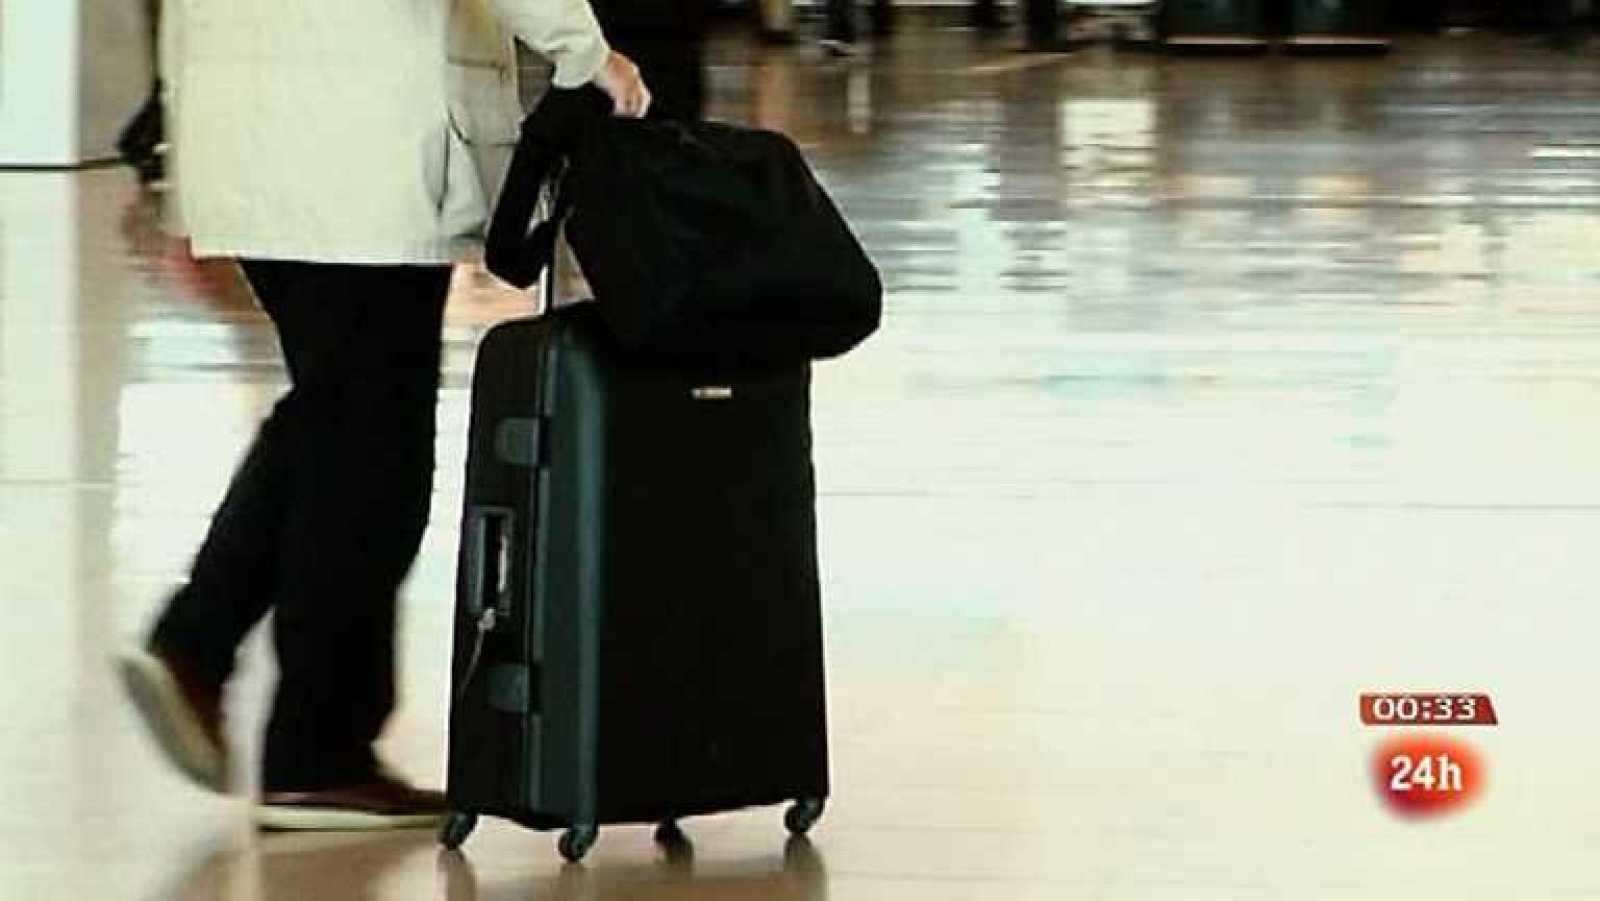 Repor - El futuro en una maleta - Ver ahora